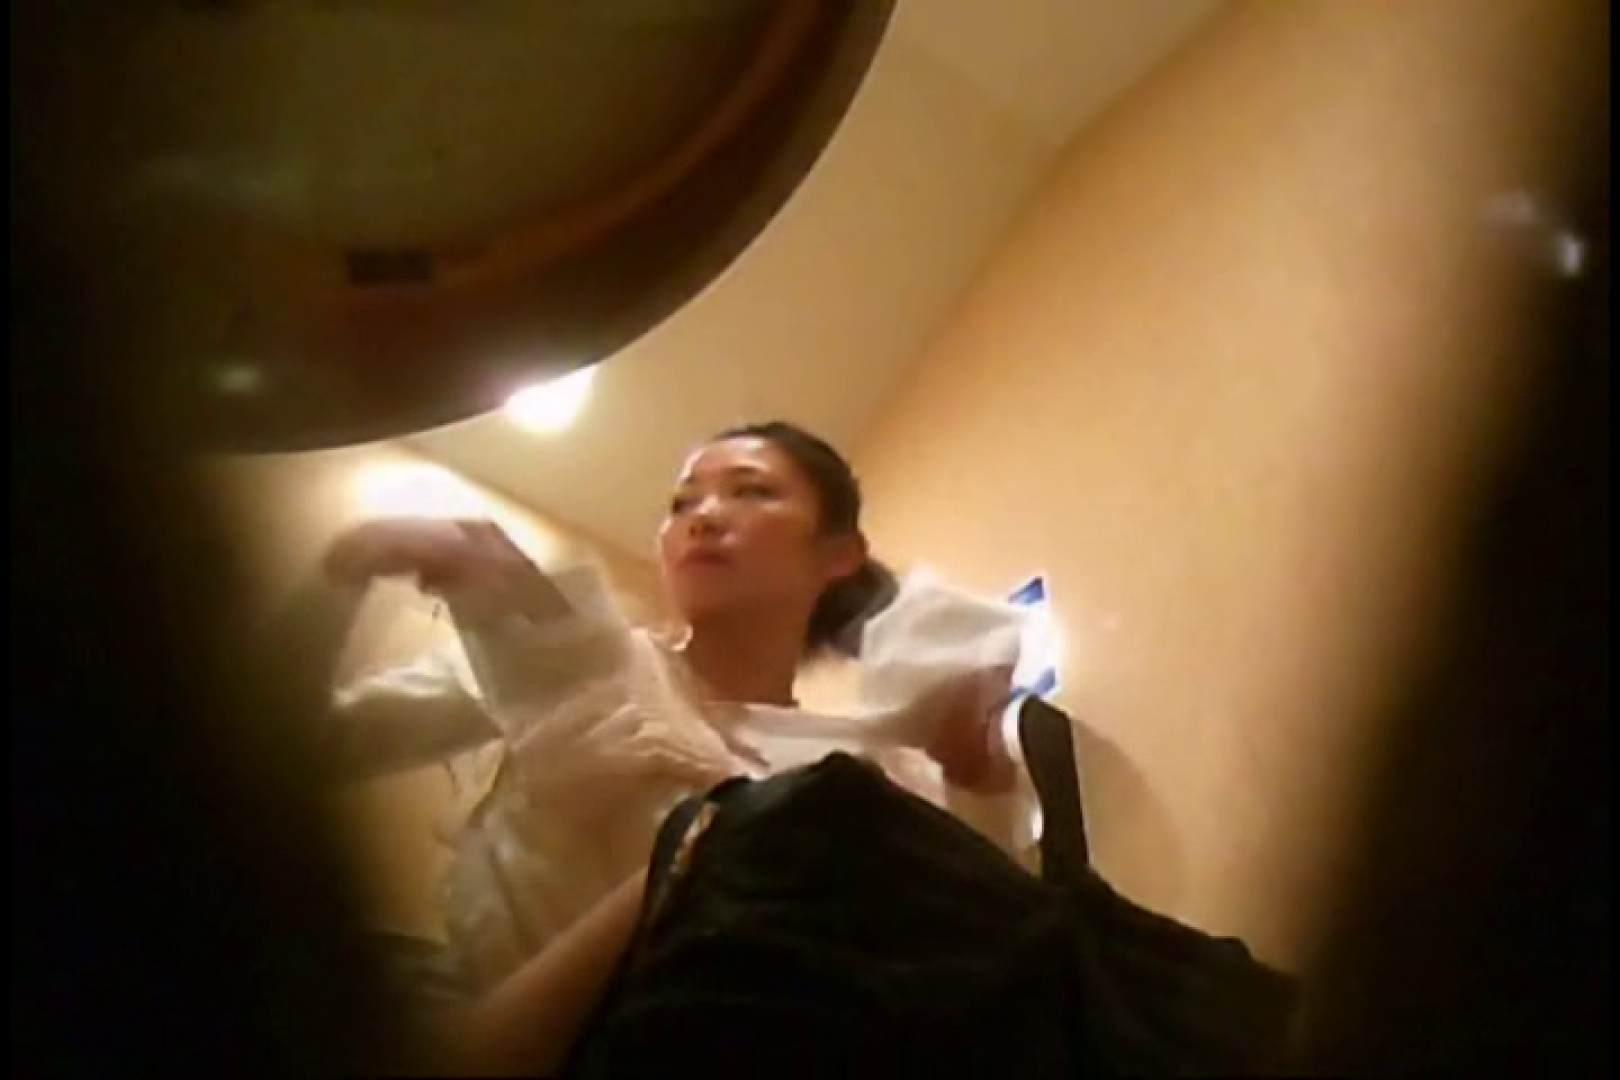 画質向上!新亀さん厠 vol.03 マンコエロすぎ  102PIX 55